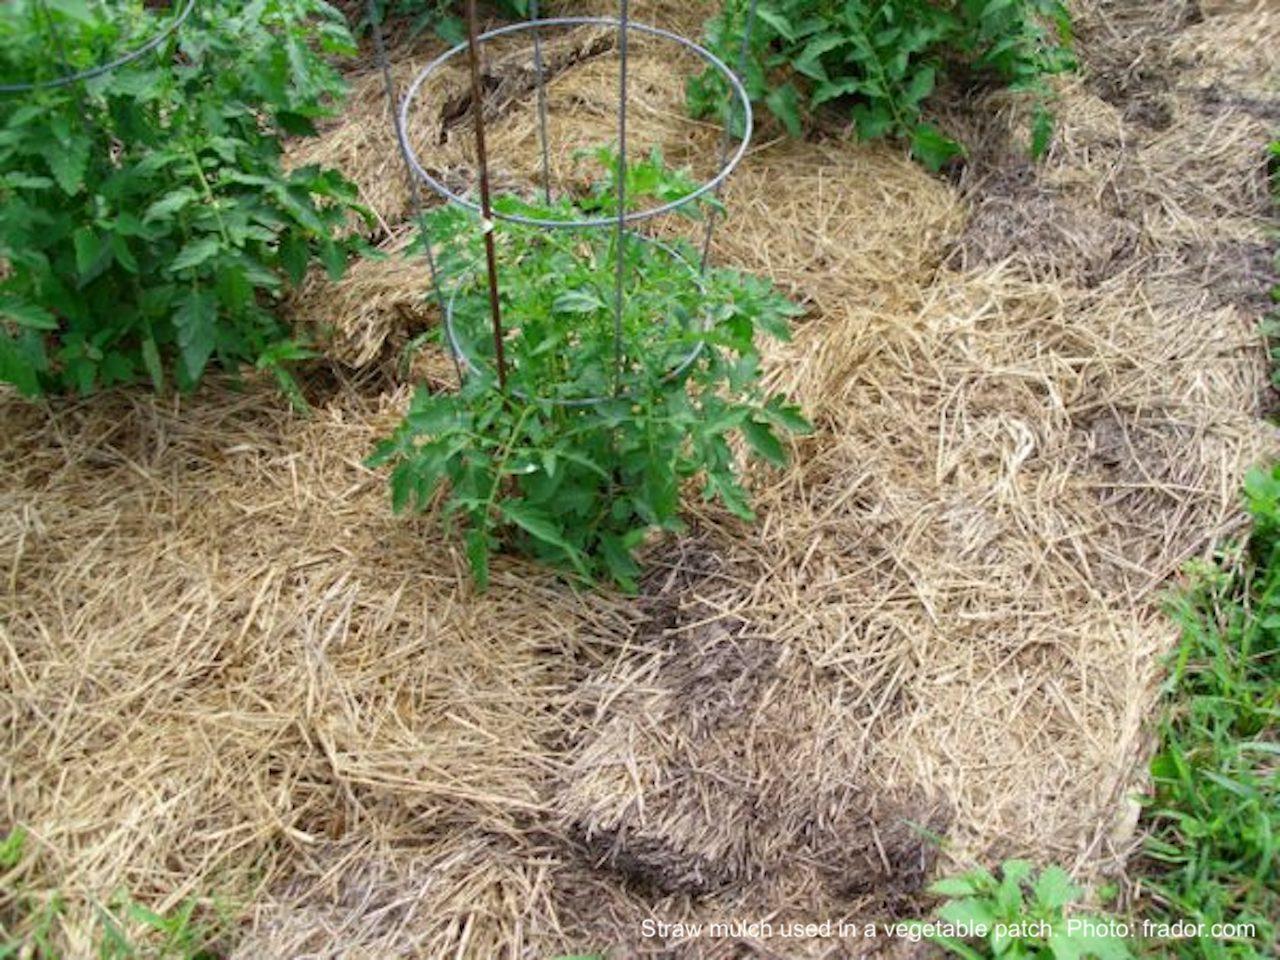 Straw mulch in a vegetable garden.